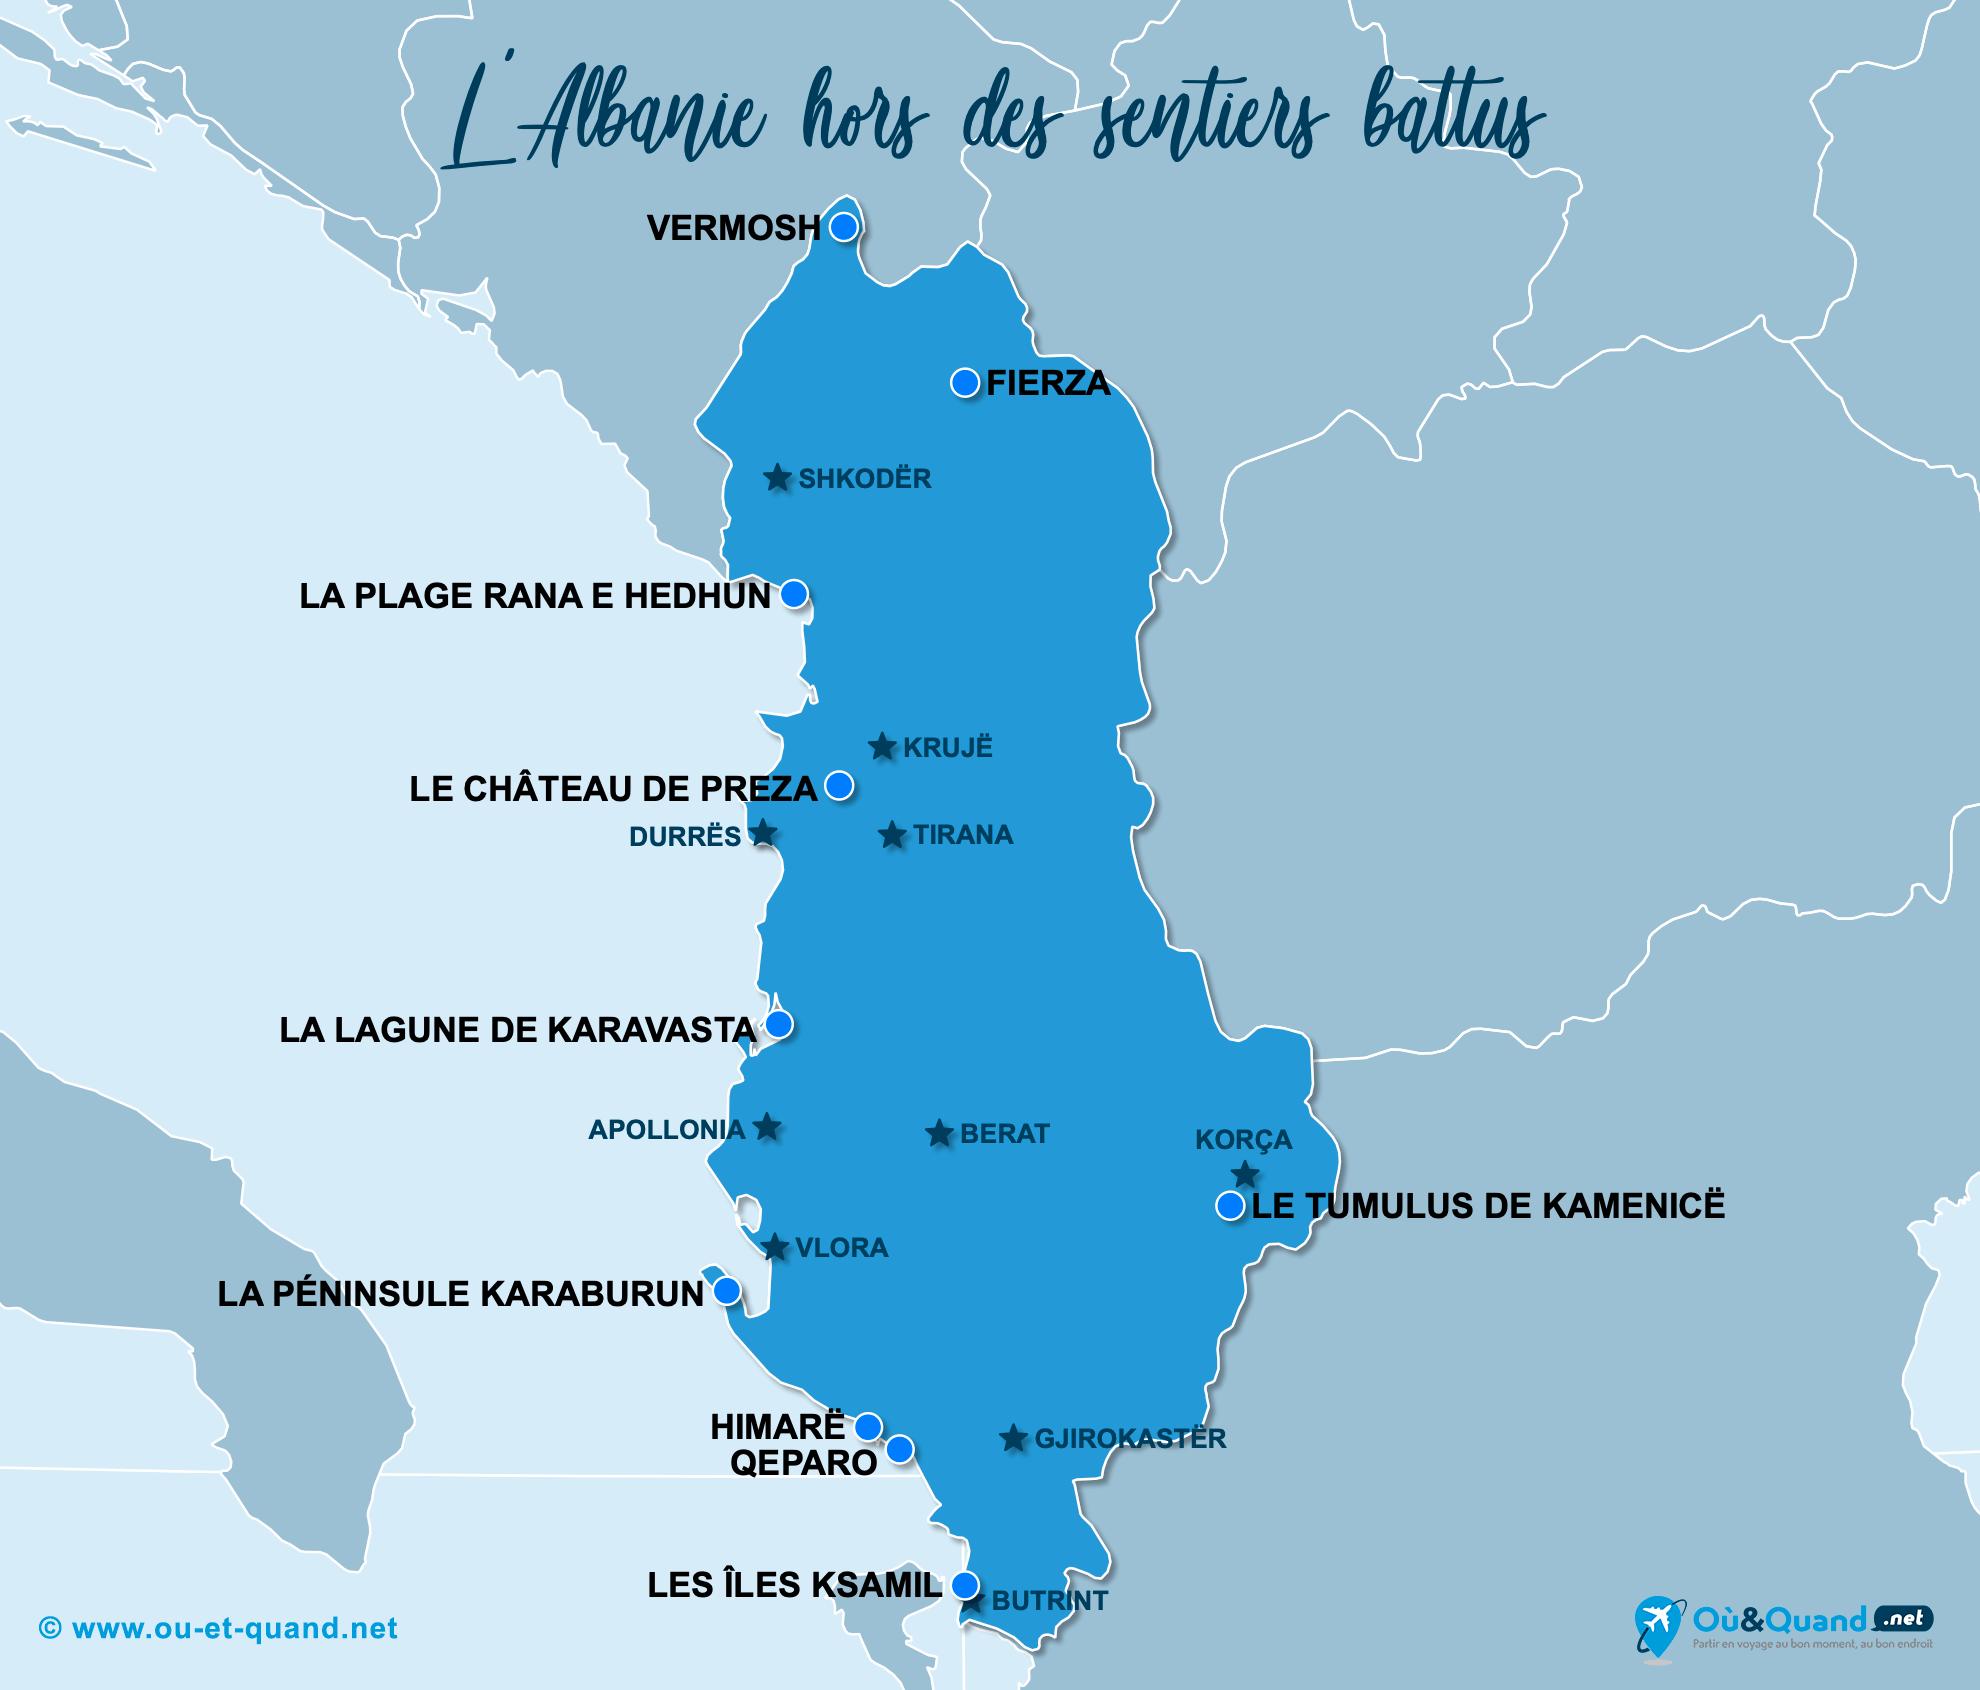 Carte Albanie : L'Albanie hors des sentiers battus